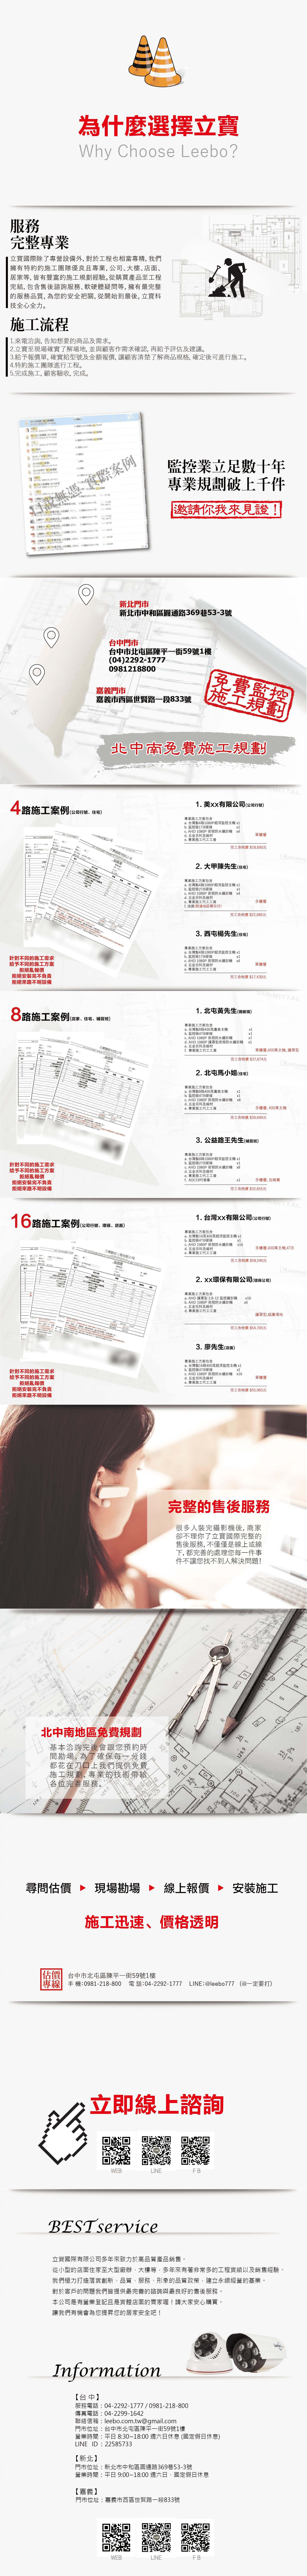 專業施工-內頁-01